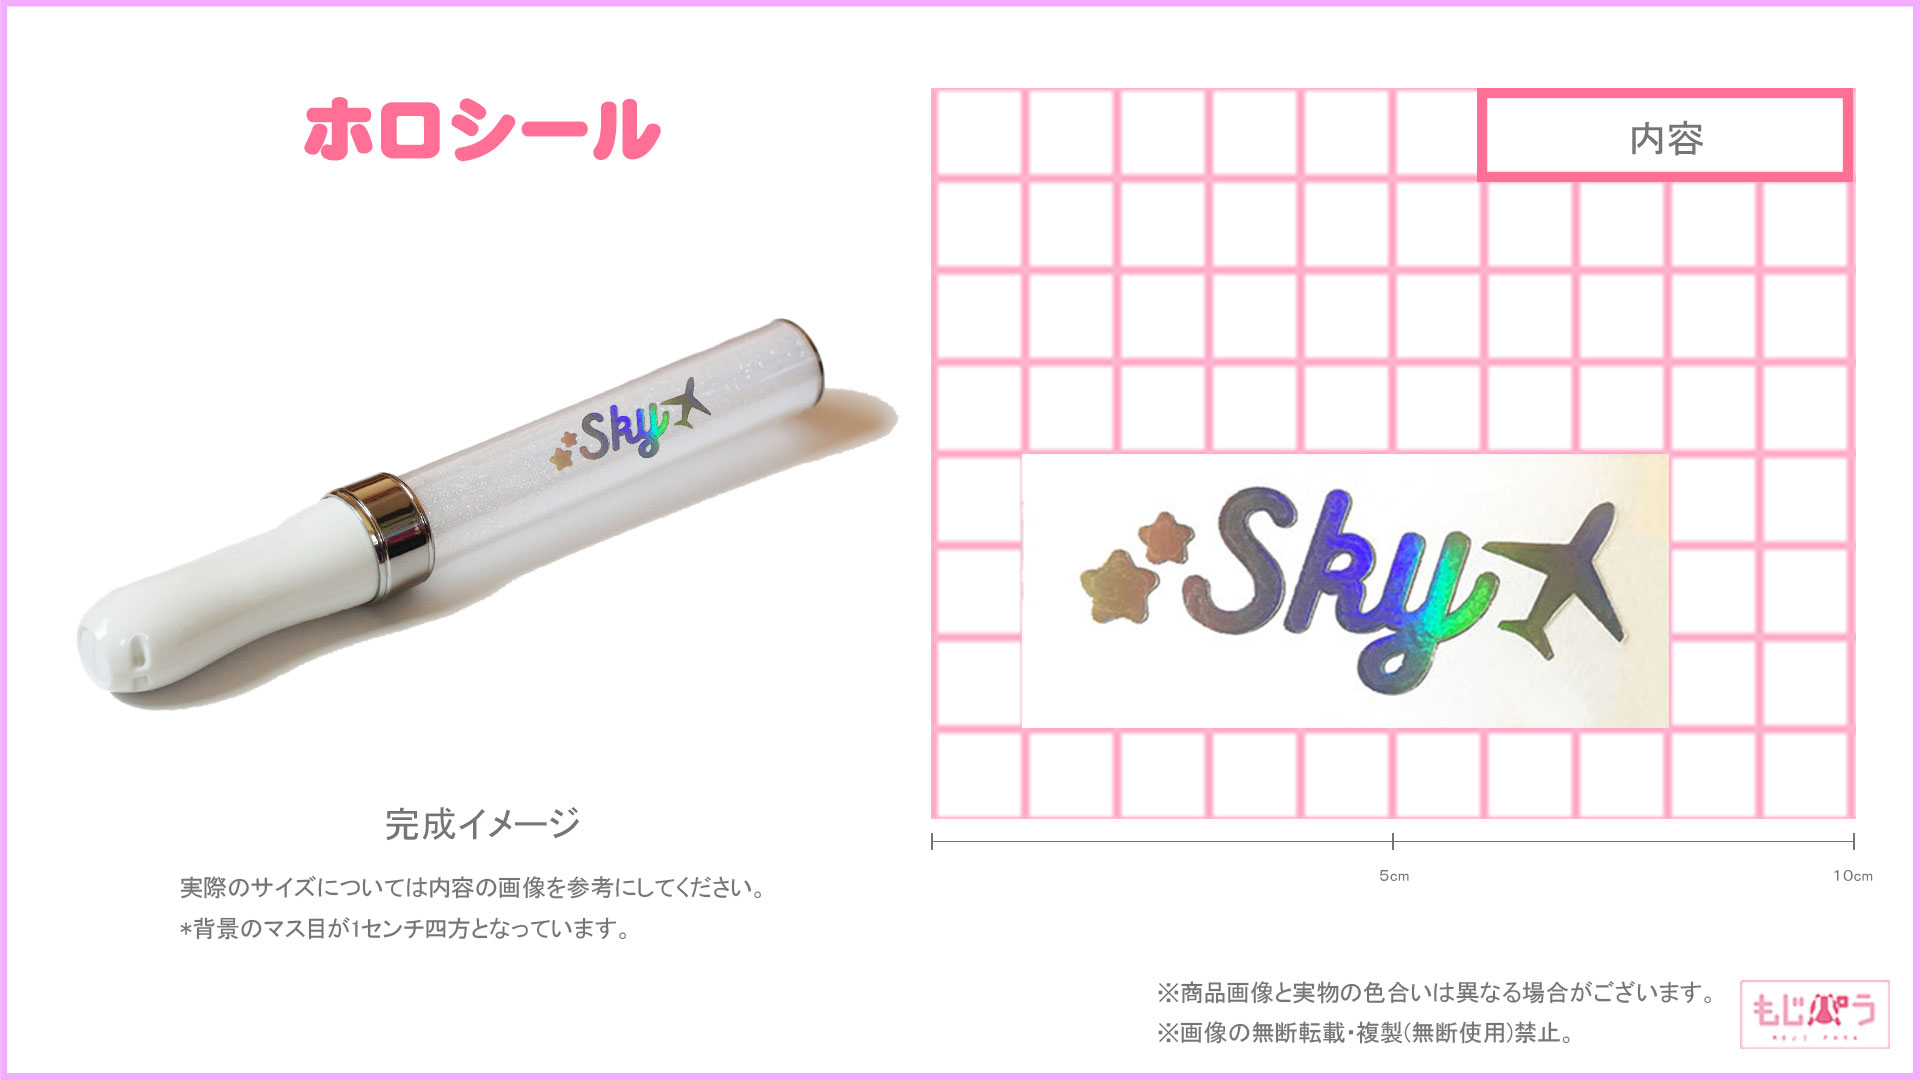 ホロシール【sky】画像